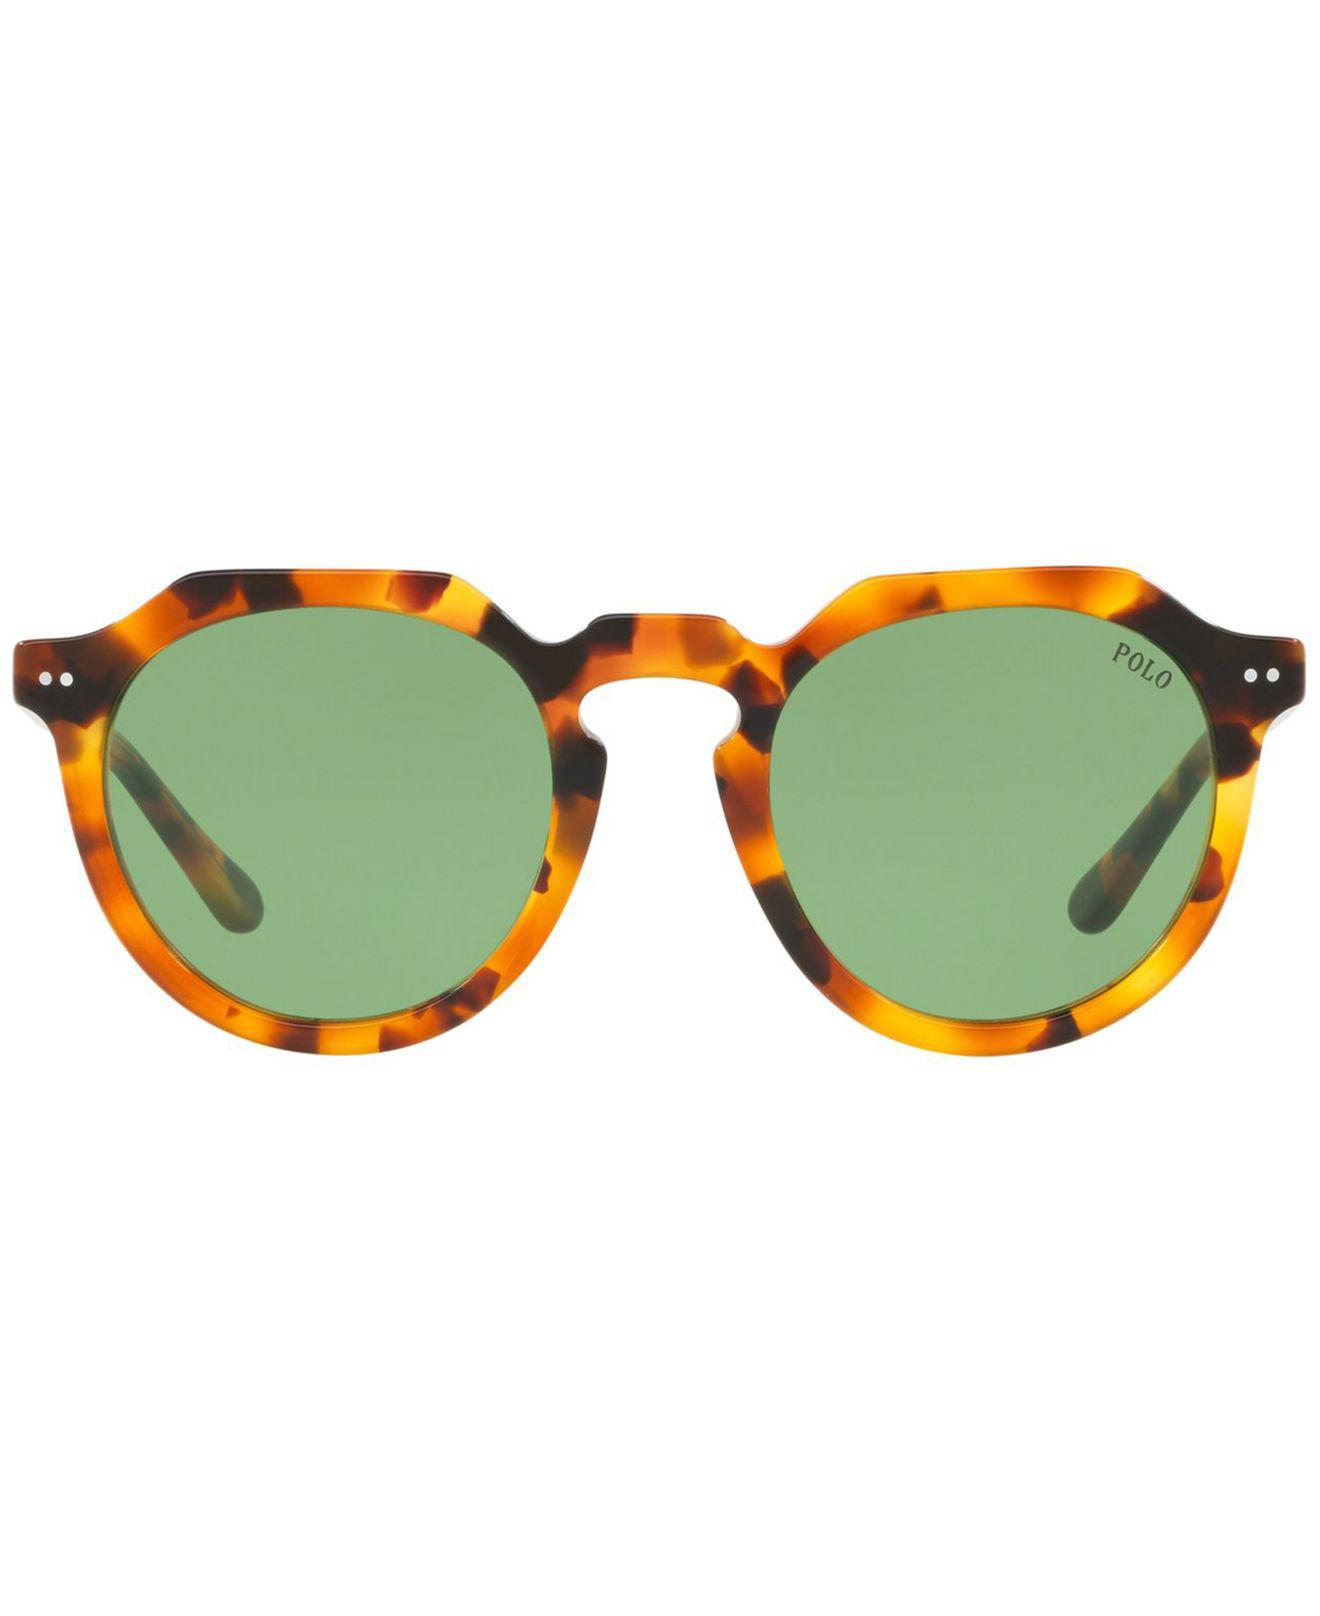 1c383437af Lyst - Polo Ralph Lauren Sunglasses